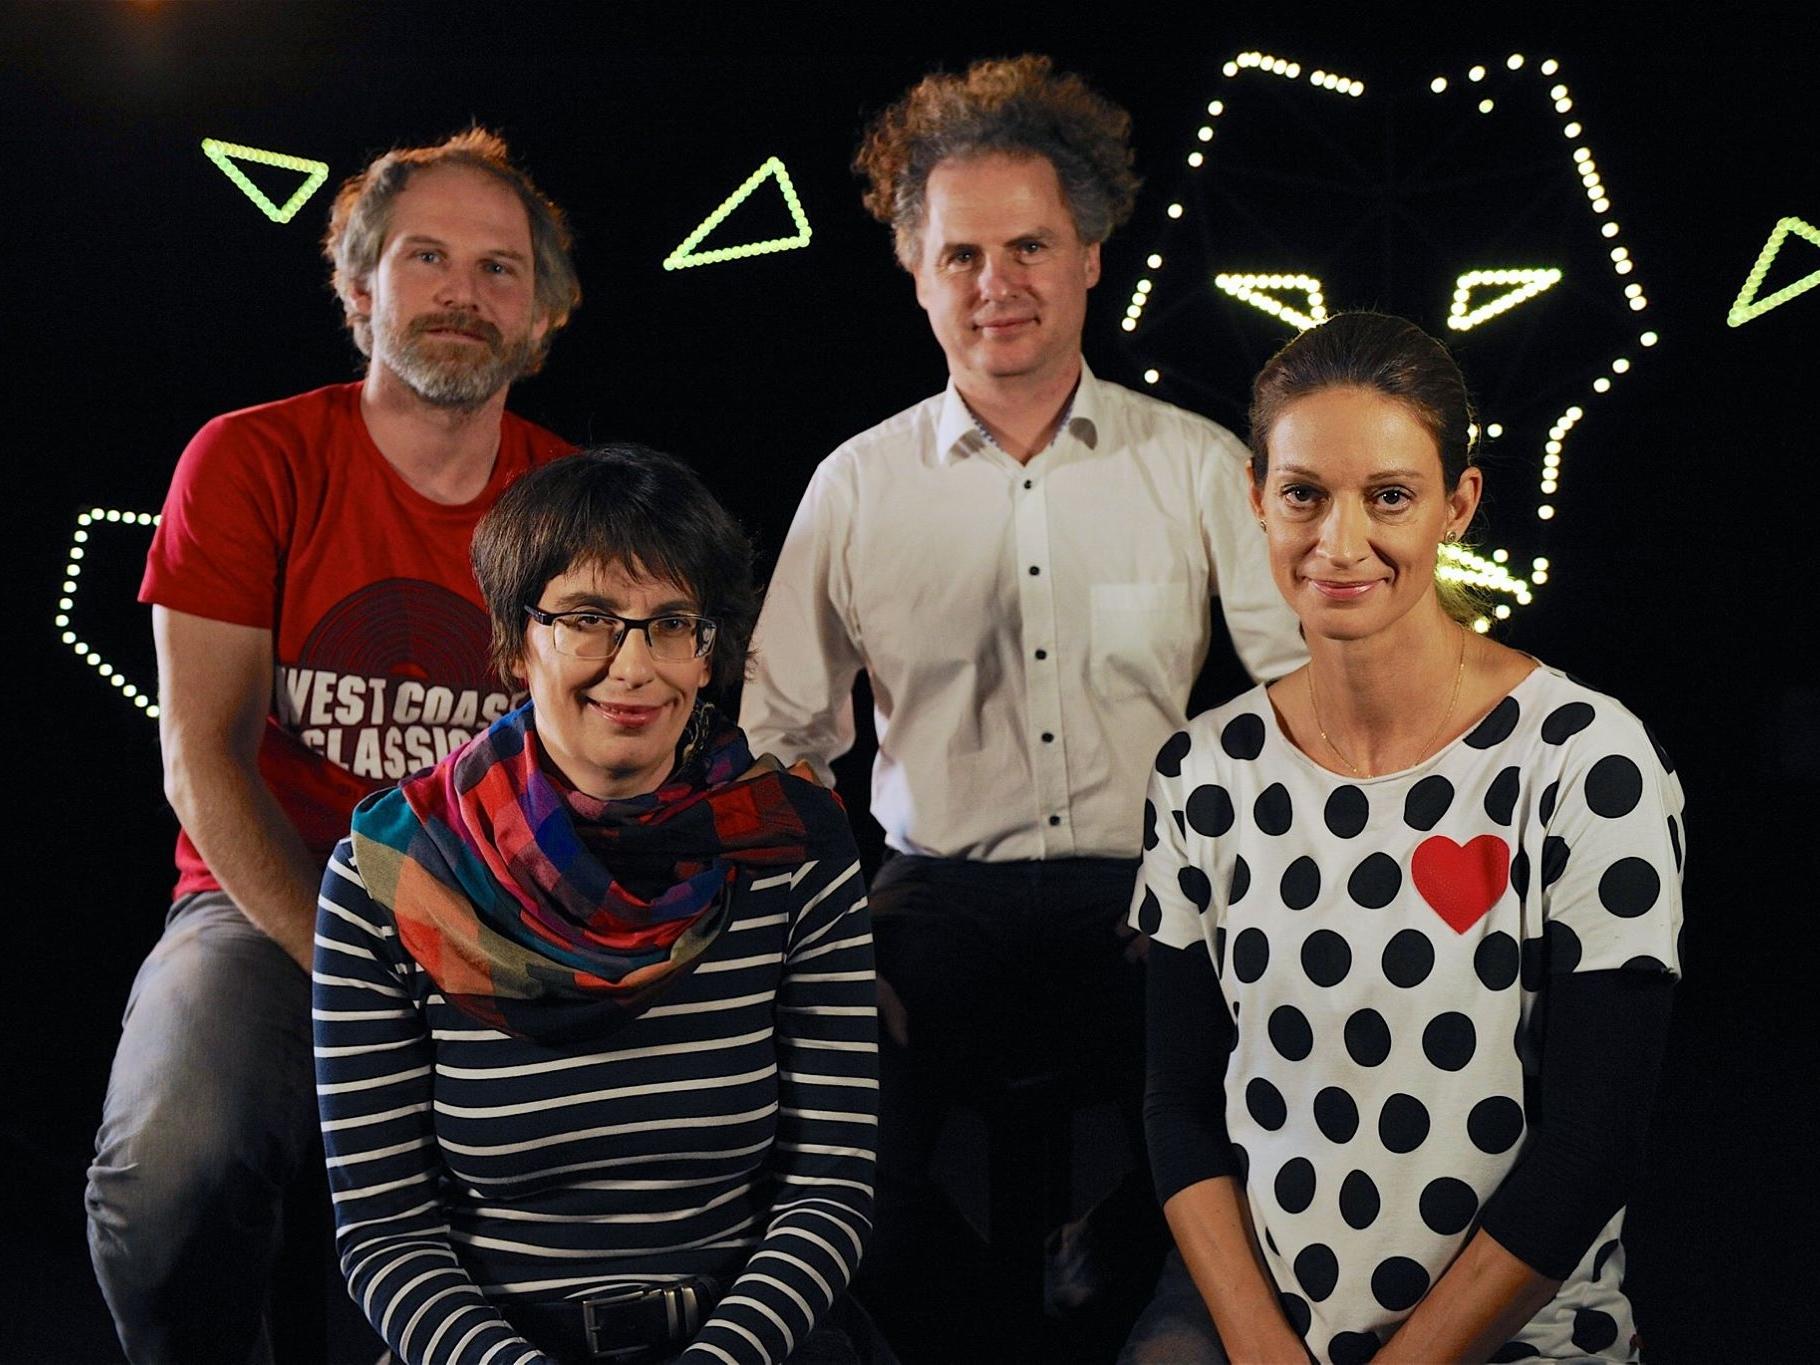 Producenti filmu Učiteľka (zľava doprava): Jan Prušinovský (OFFSIDE MEN), Zuzana Mistríková (PubRes), Ondřej Zíma (OFFSIDE MEN), Ľubica Orechovská (PubRes).